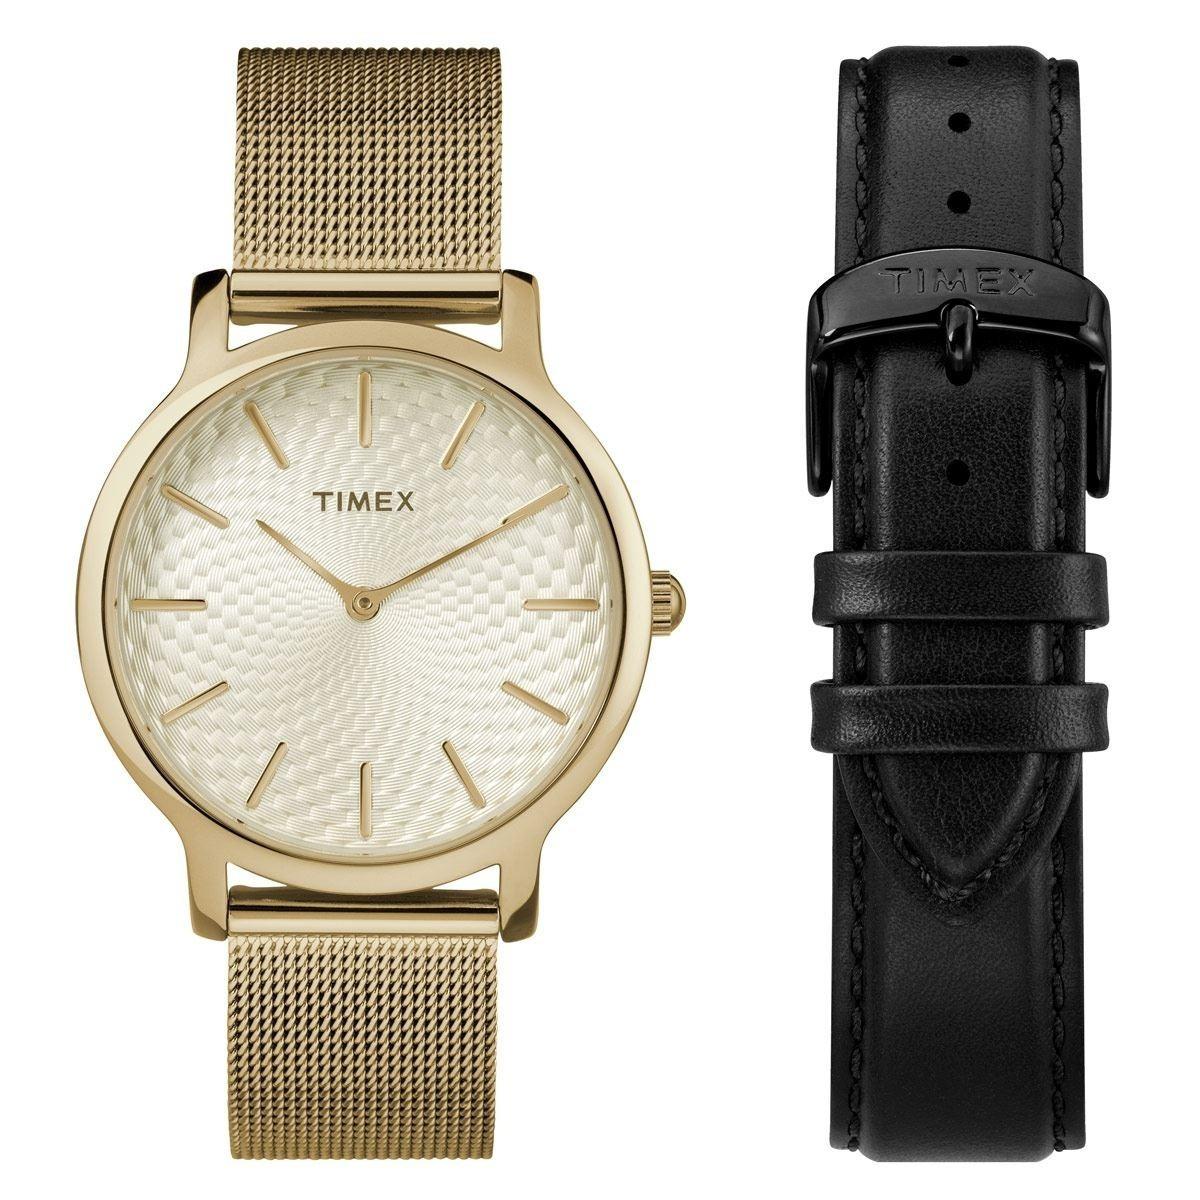 84da2ff7fe38 reloj timex metropolitan skyline twg019400 dorado negro dama. Cargando zoom.